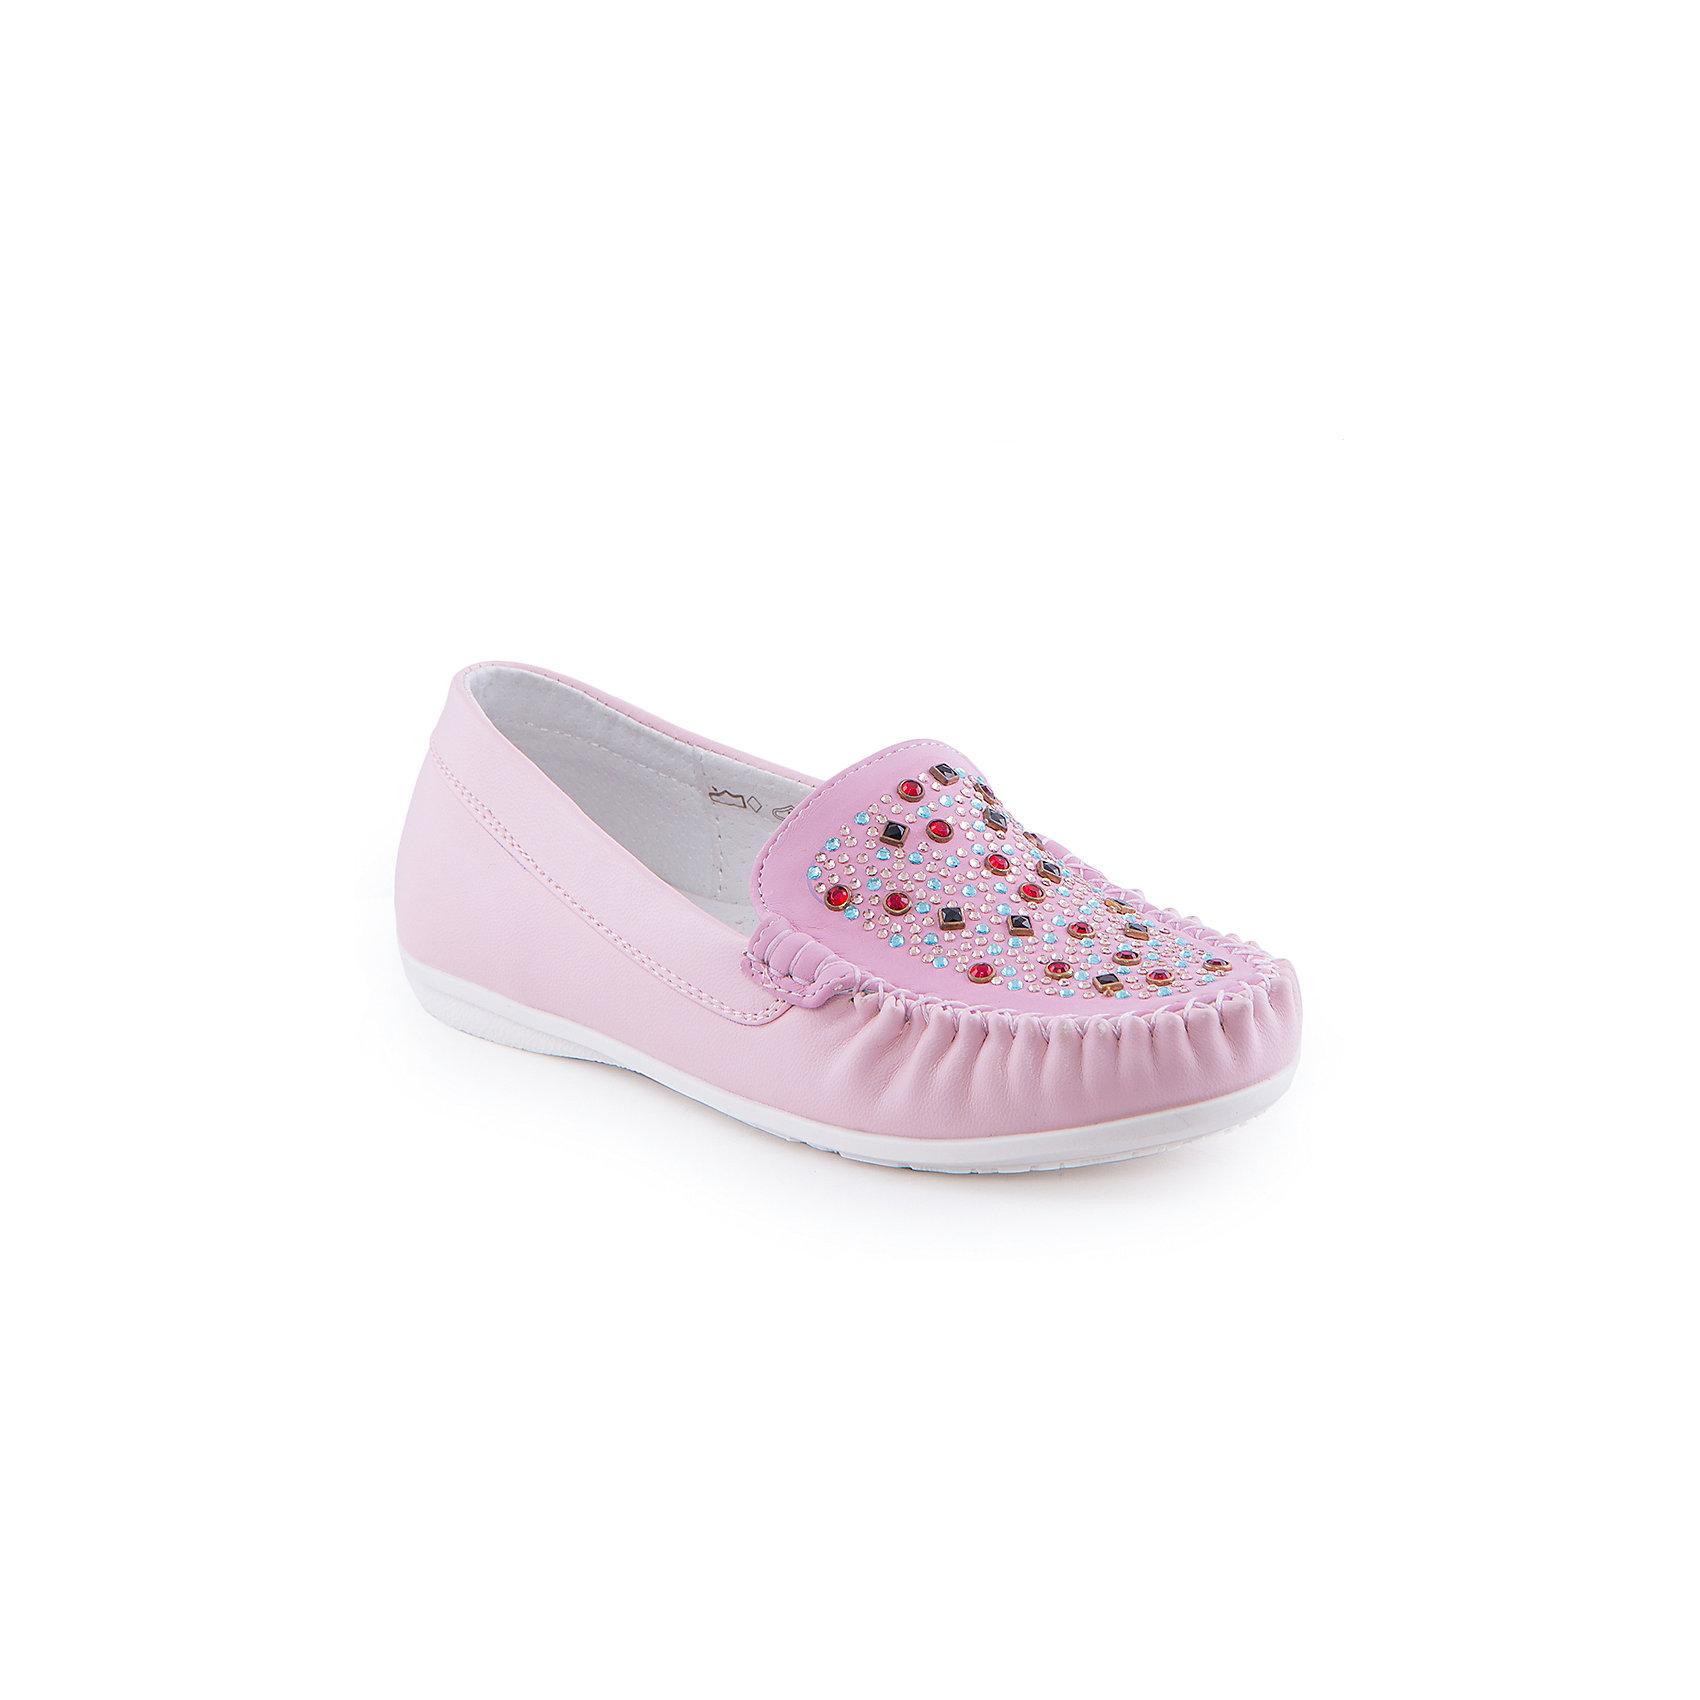 Мокасины для девочки Indigo kidsМокасины для девочки от известного бренда Indigo kids.<br><br>Стильные мокасины  - прекрасный вариант обуви для теплого сезона. Они нарядные и модные, но в то же время очень удобные. Эту модель можно носить и с юбкой, и с шортами, и с джинсами. Такие туфли легко надеваются, комфортно садятся по ноге. <br><br>Особенности модели:<br><br>- цвет: розовый;<br>- стильный дизайн;<br>- удобная колодка;<br>- подкладка из натуральной кожи;<br>- украшены стразами;<br>- подошва устойчивая, нескользящая;<br>- прошивка;<br>- без застежек.<br><br>Дополнительная информация:<br><br>Состав:<br><br>верх – искусственная кожа;<br>подкладка - натуральная кожа;<br>подошва - ТЭП.<br><br>Мокасины для девочки Indigo kids (Индиго Кидс) можно купить в нашем магазине.<br><br>Ширина мм: 227<br>Глубина мм: 145<br>Высота мм: 124<br>Вес г: 325<br>Цвет: розовый<br>Возраст от месяцев: 144<br>Возраст до месяцев: 156<br>Пол: Женский<br>Возраст: Детский<br>Размер: 36,34,35,31,32,33<br>SKU: 4519901